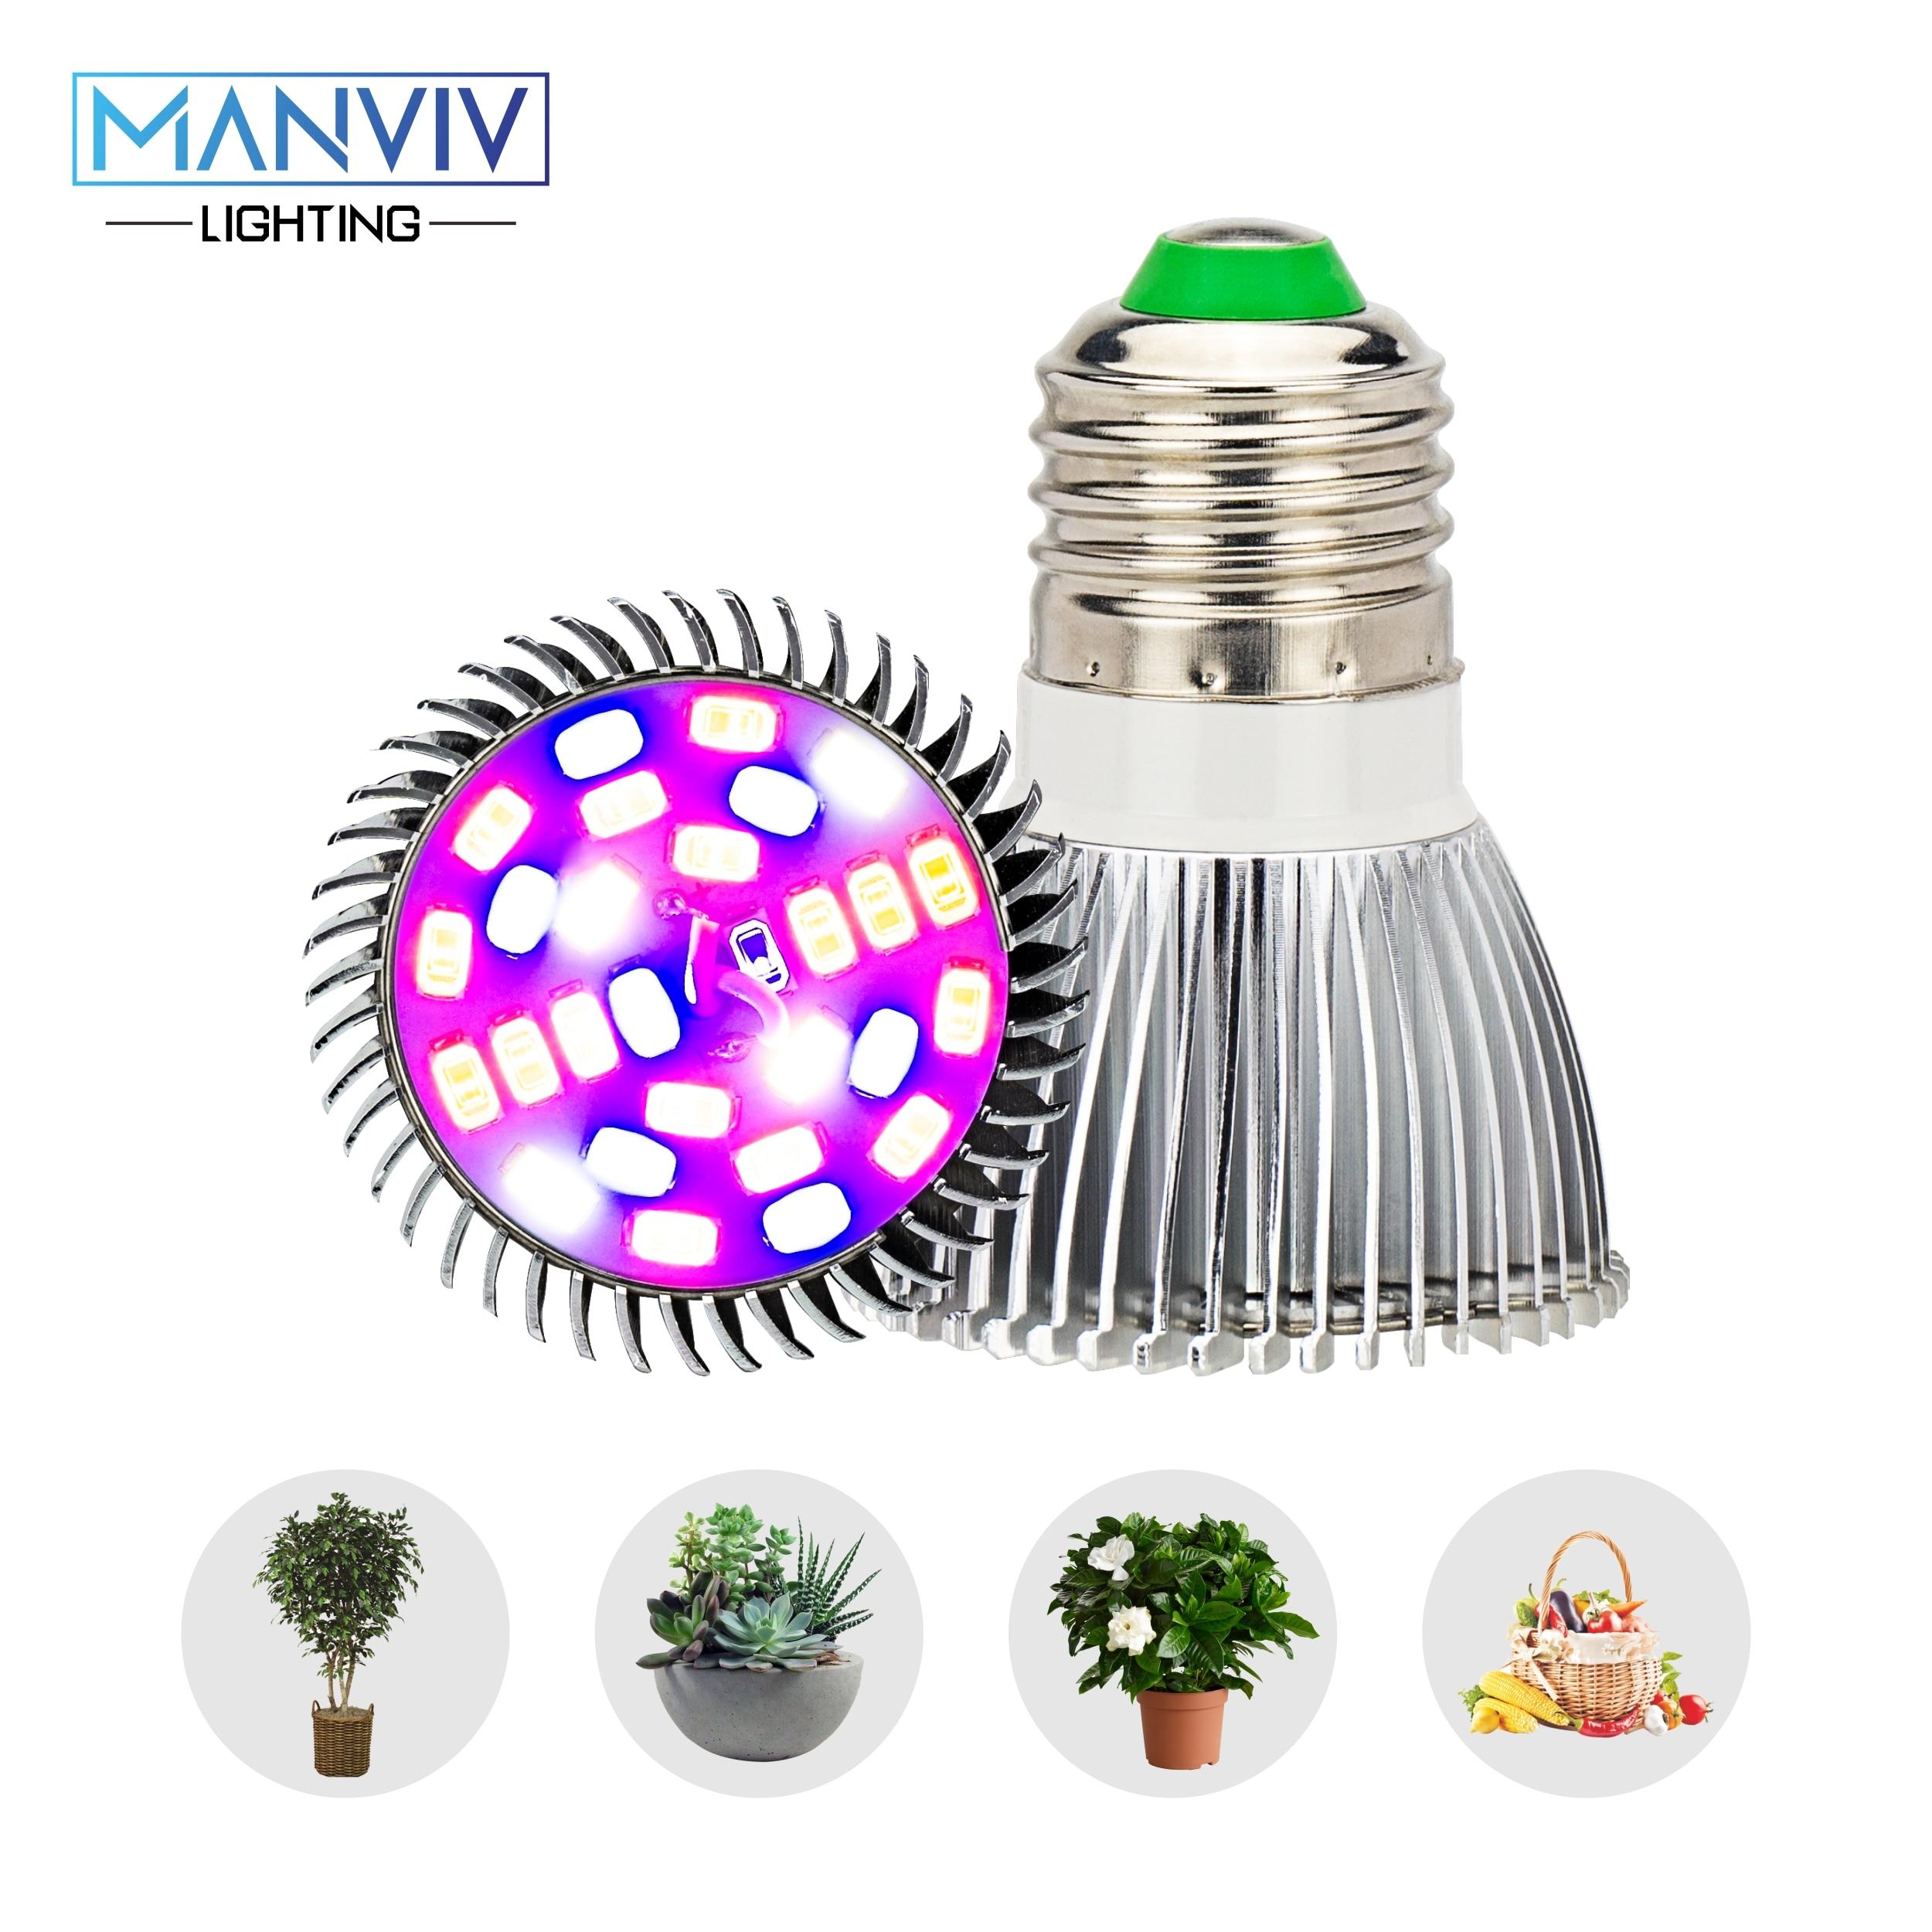 LED Grow Lamp 5W 10W 30W 50W 80W 85-265V Full Spectrum E27 Grow Light Bulb UV IR DIY For Garden Plants Flower Hydroponics Growth